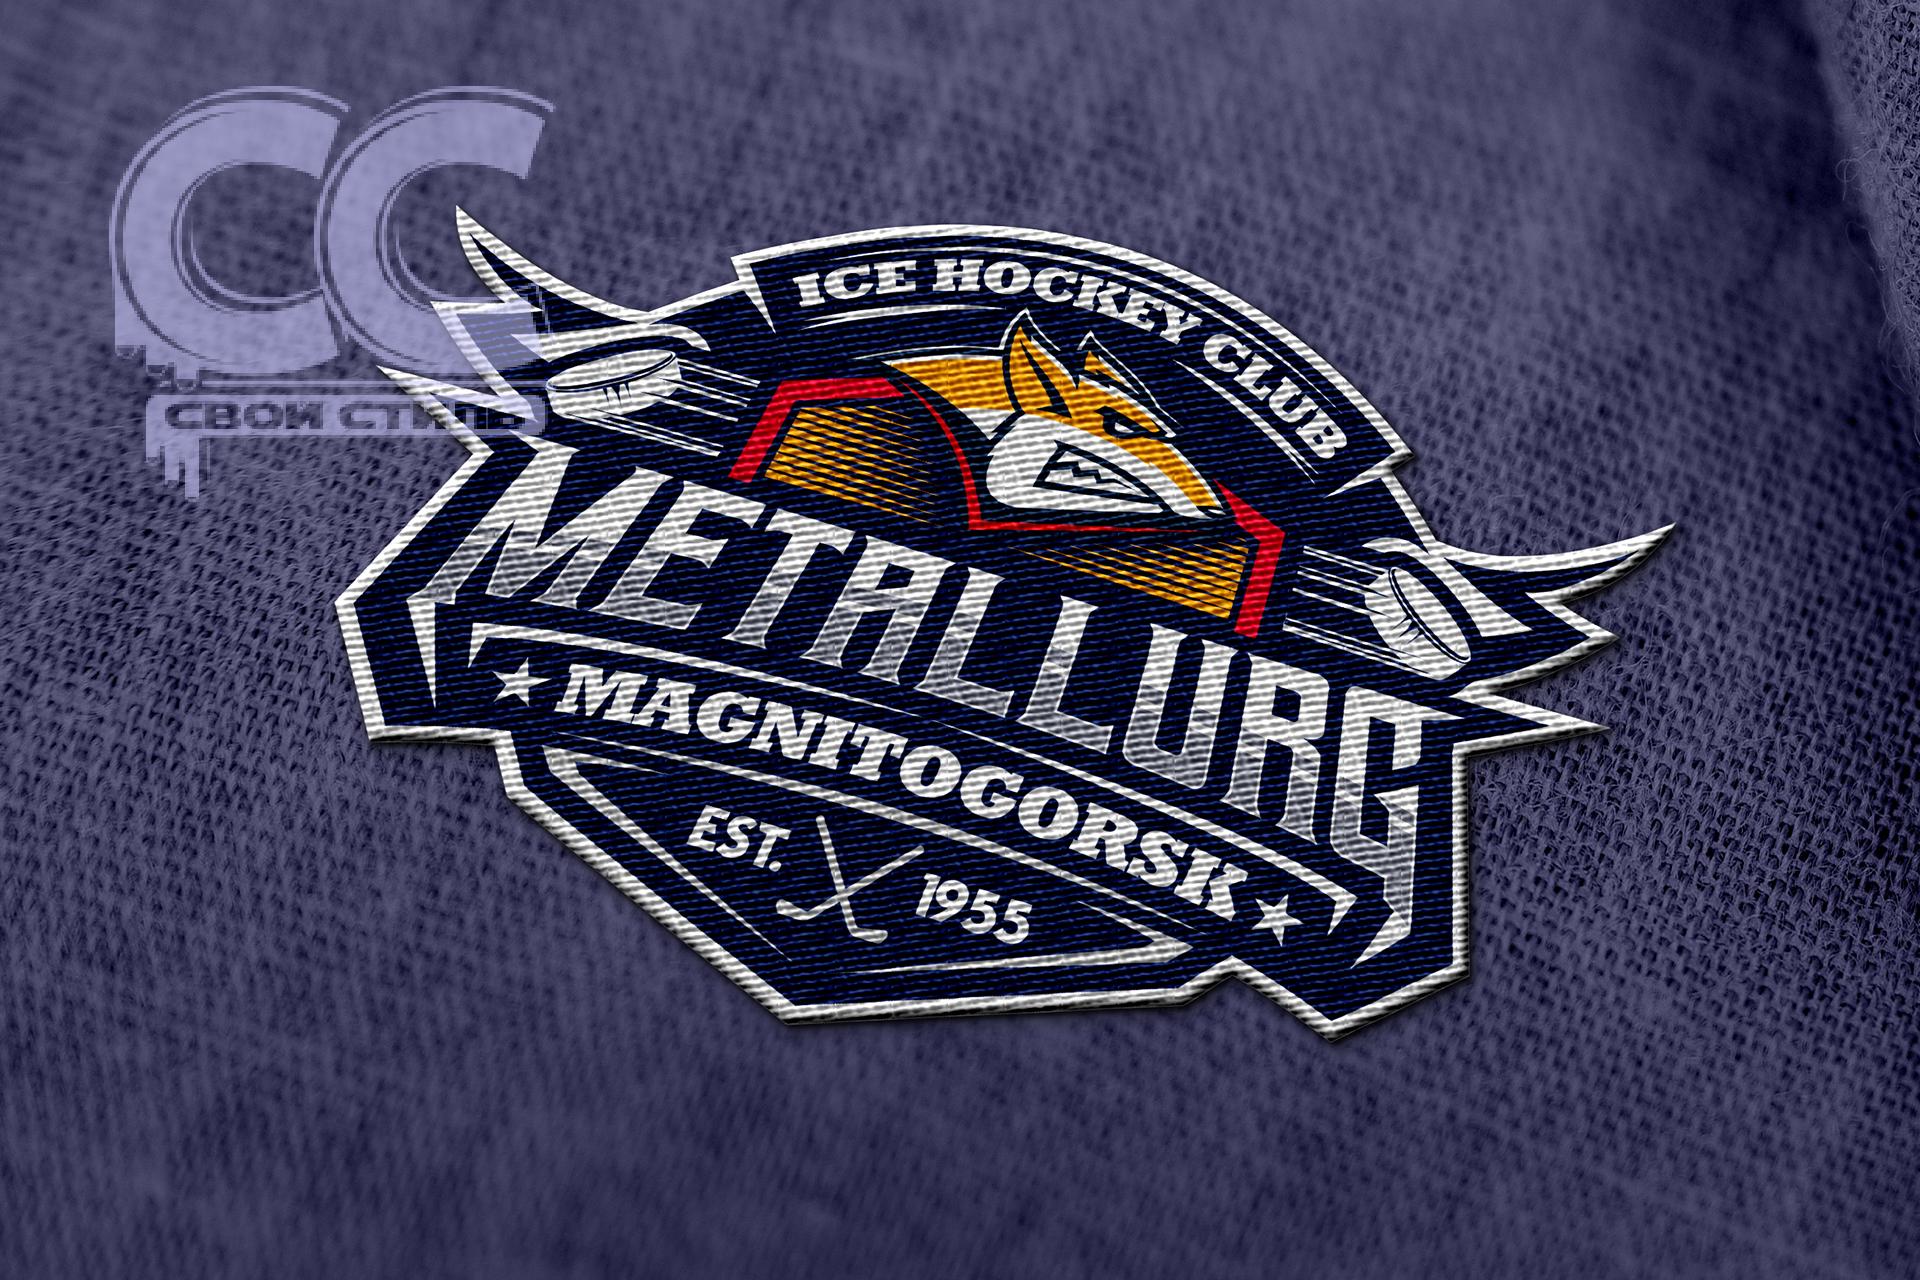 ЛОГОТИП - ШЕВРОН - ХК METALLURG - Дизайн шеврона для хоккейной экипировки